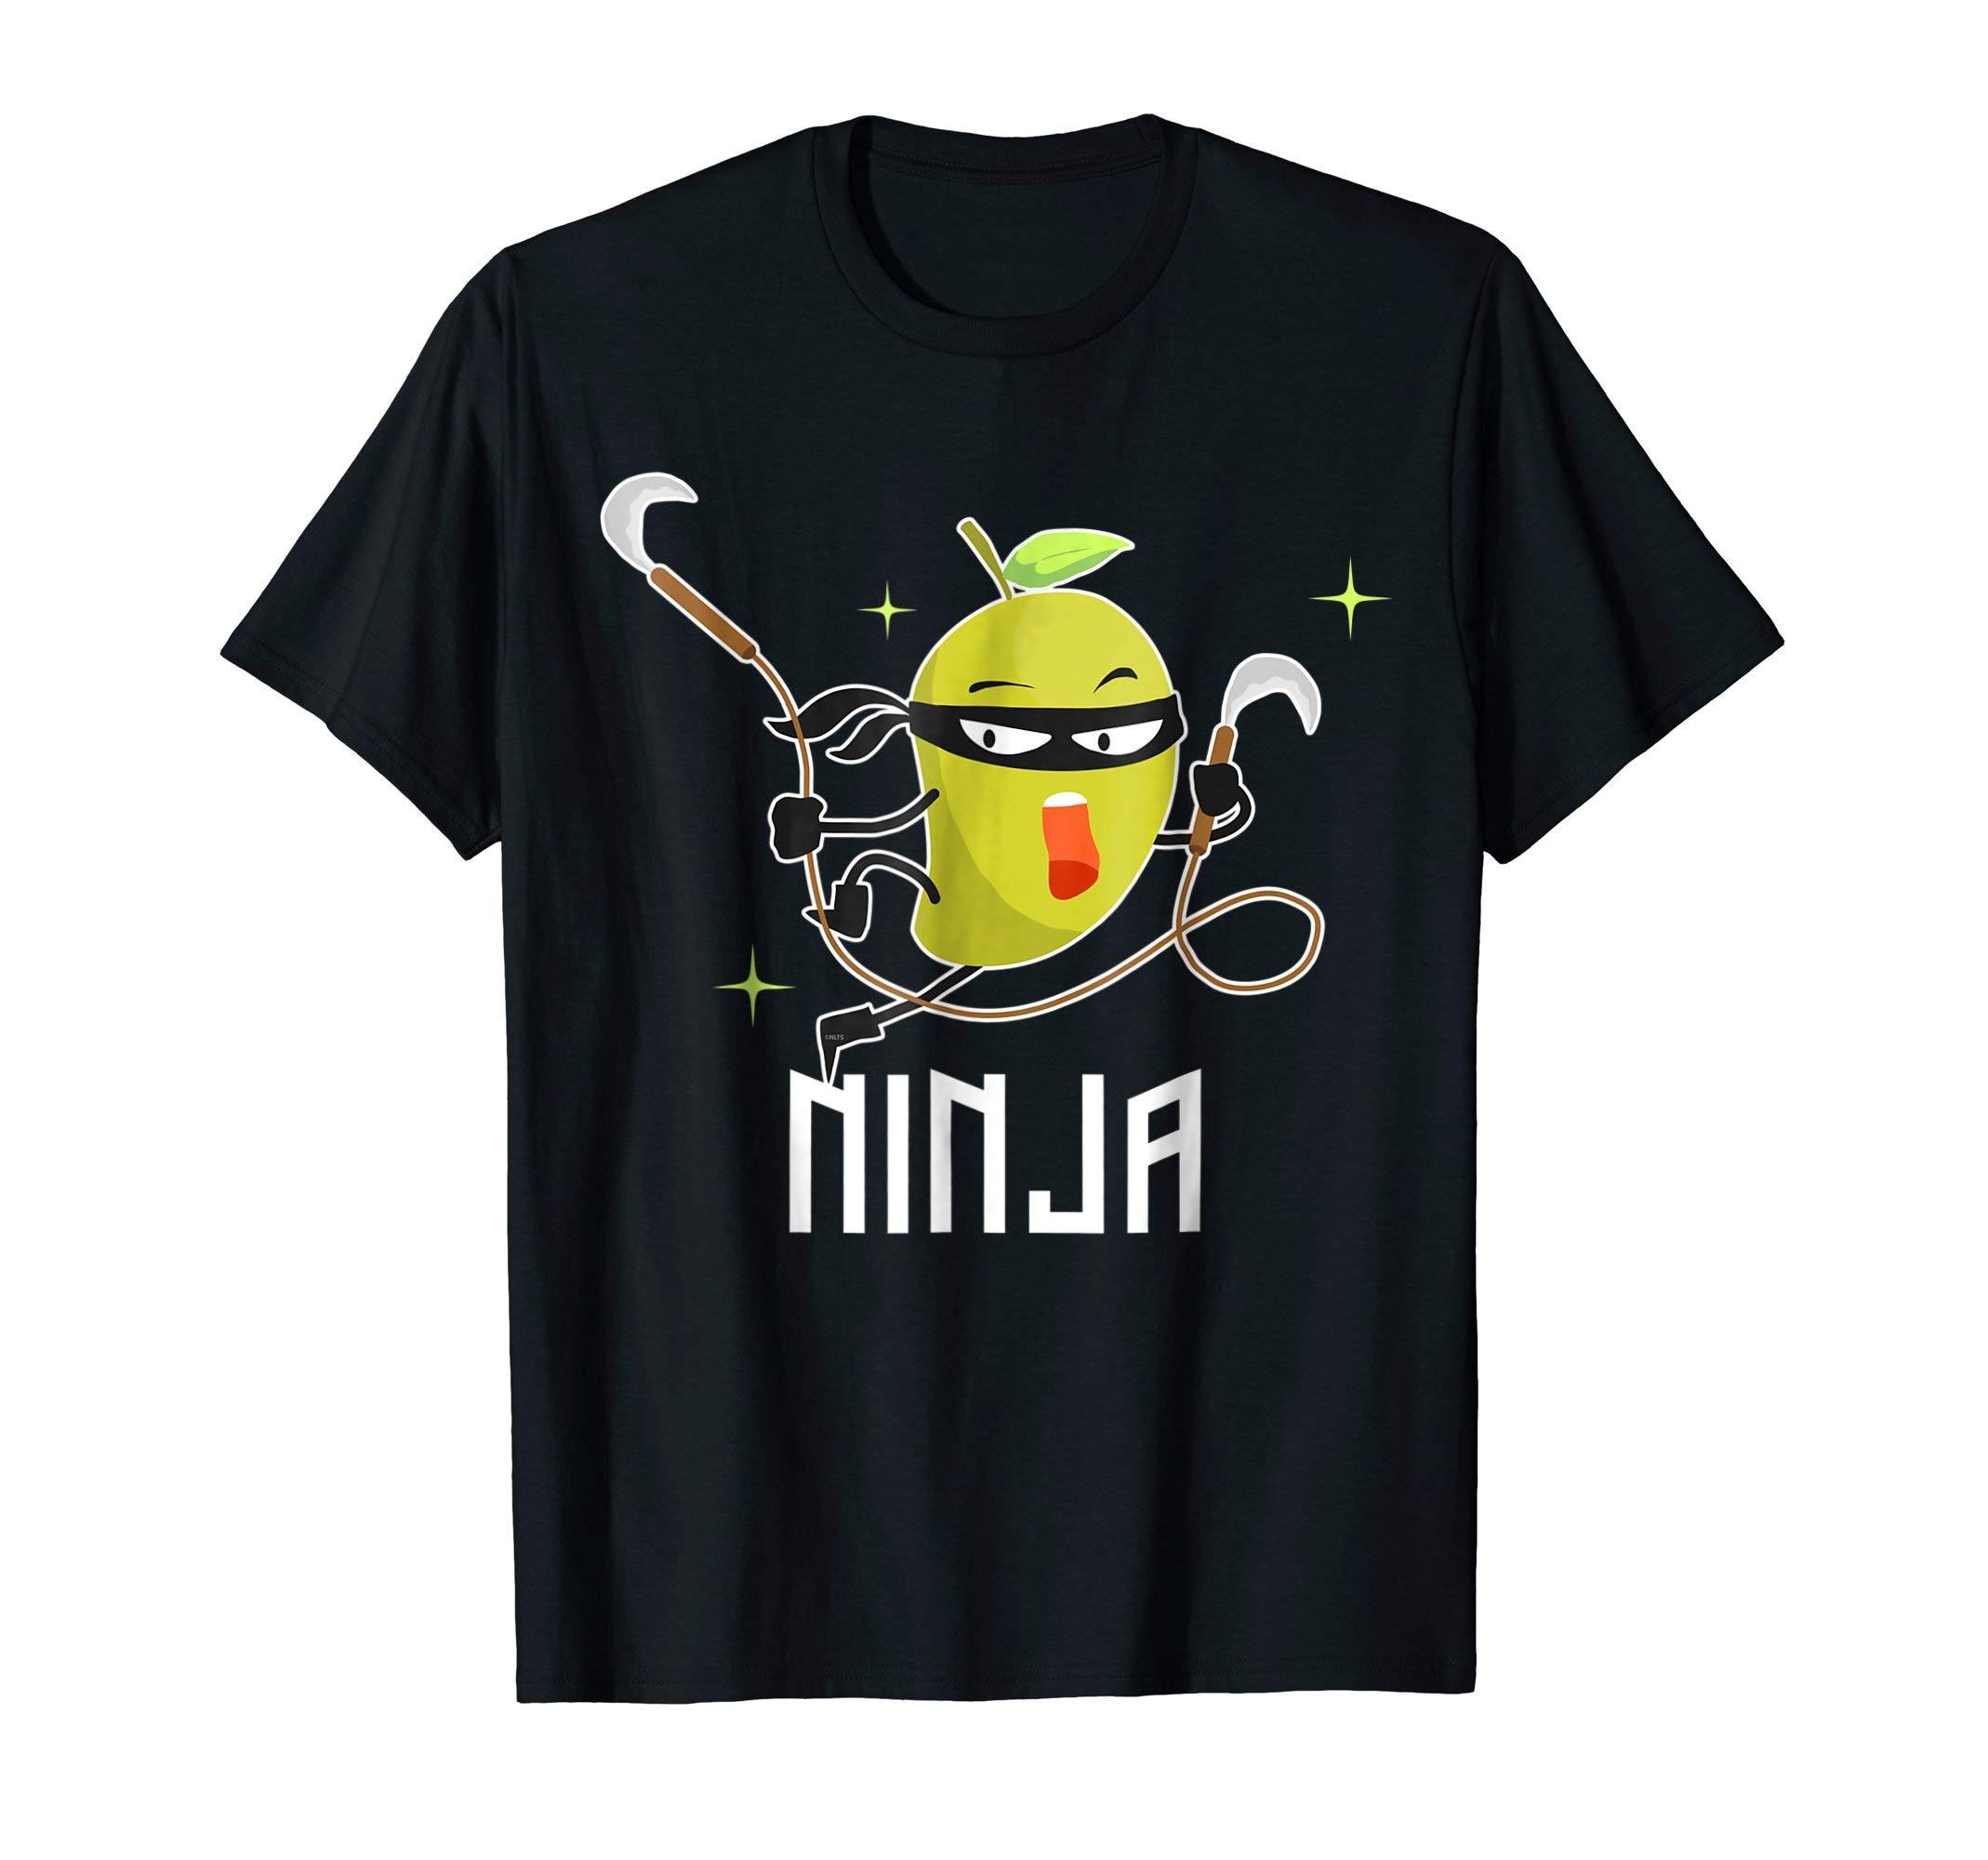 Mango-Ninja-Warrior-T-Shirt-Tee-Shirt-Gifts